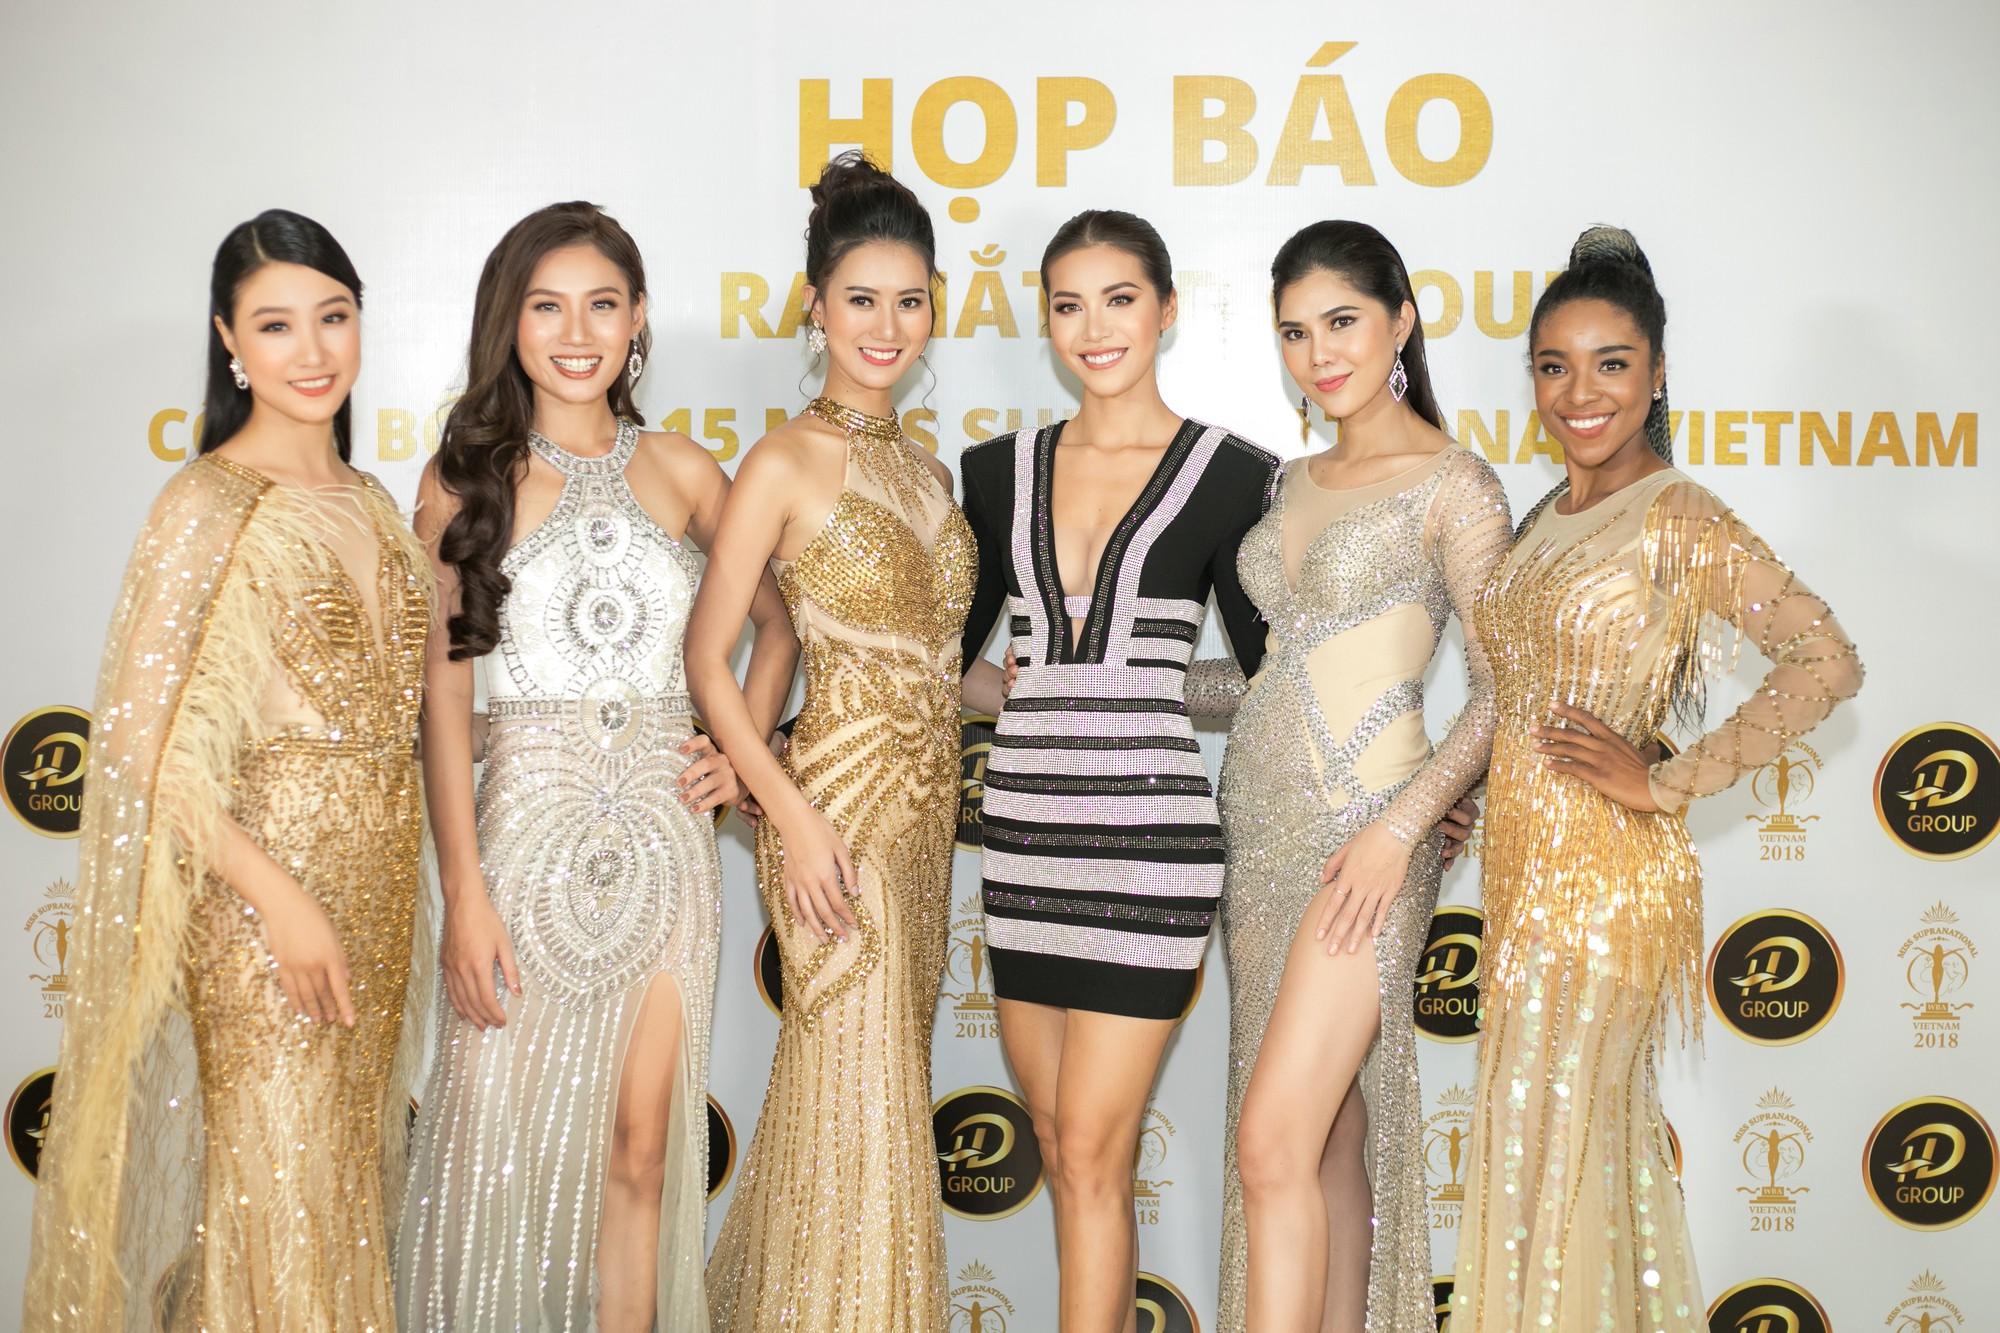 Không ngoài dự đoán, Trương Mỹ Nhân và Ngọc Châu Next Top thẳng tiến vào Top 15 Miss Supranational Vietnam 2018 - Ảnh 15.